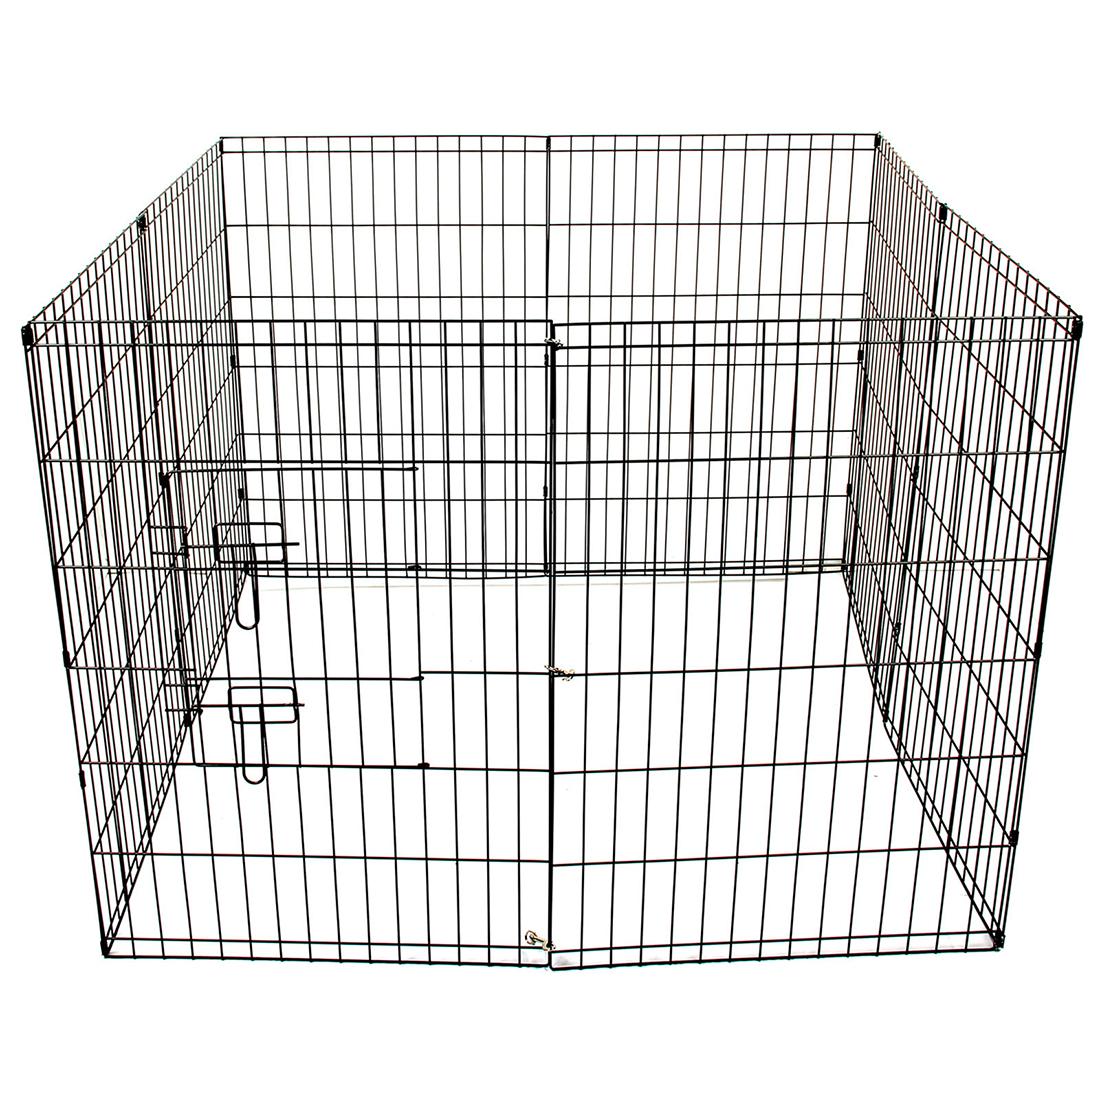 8 Panel Metal Pet Dog Animal Exercise Playpen Fence